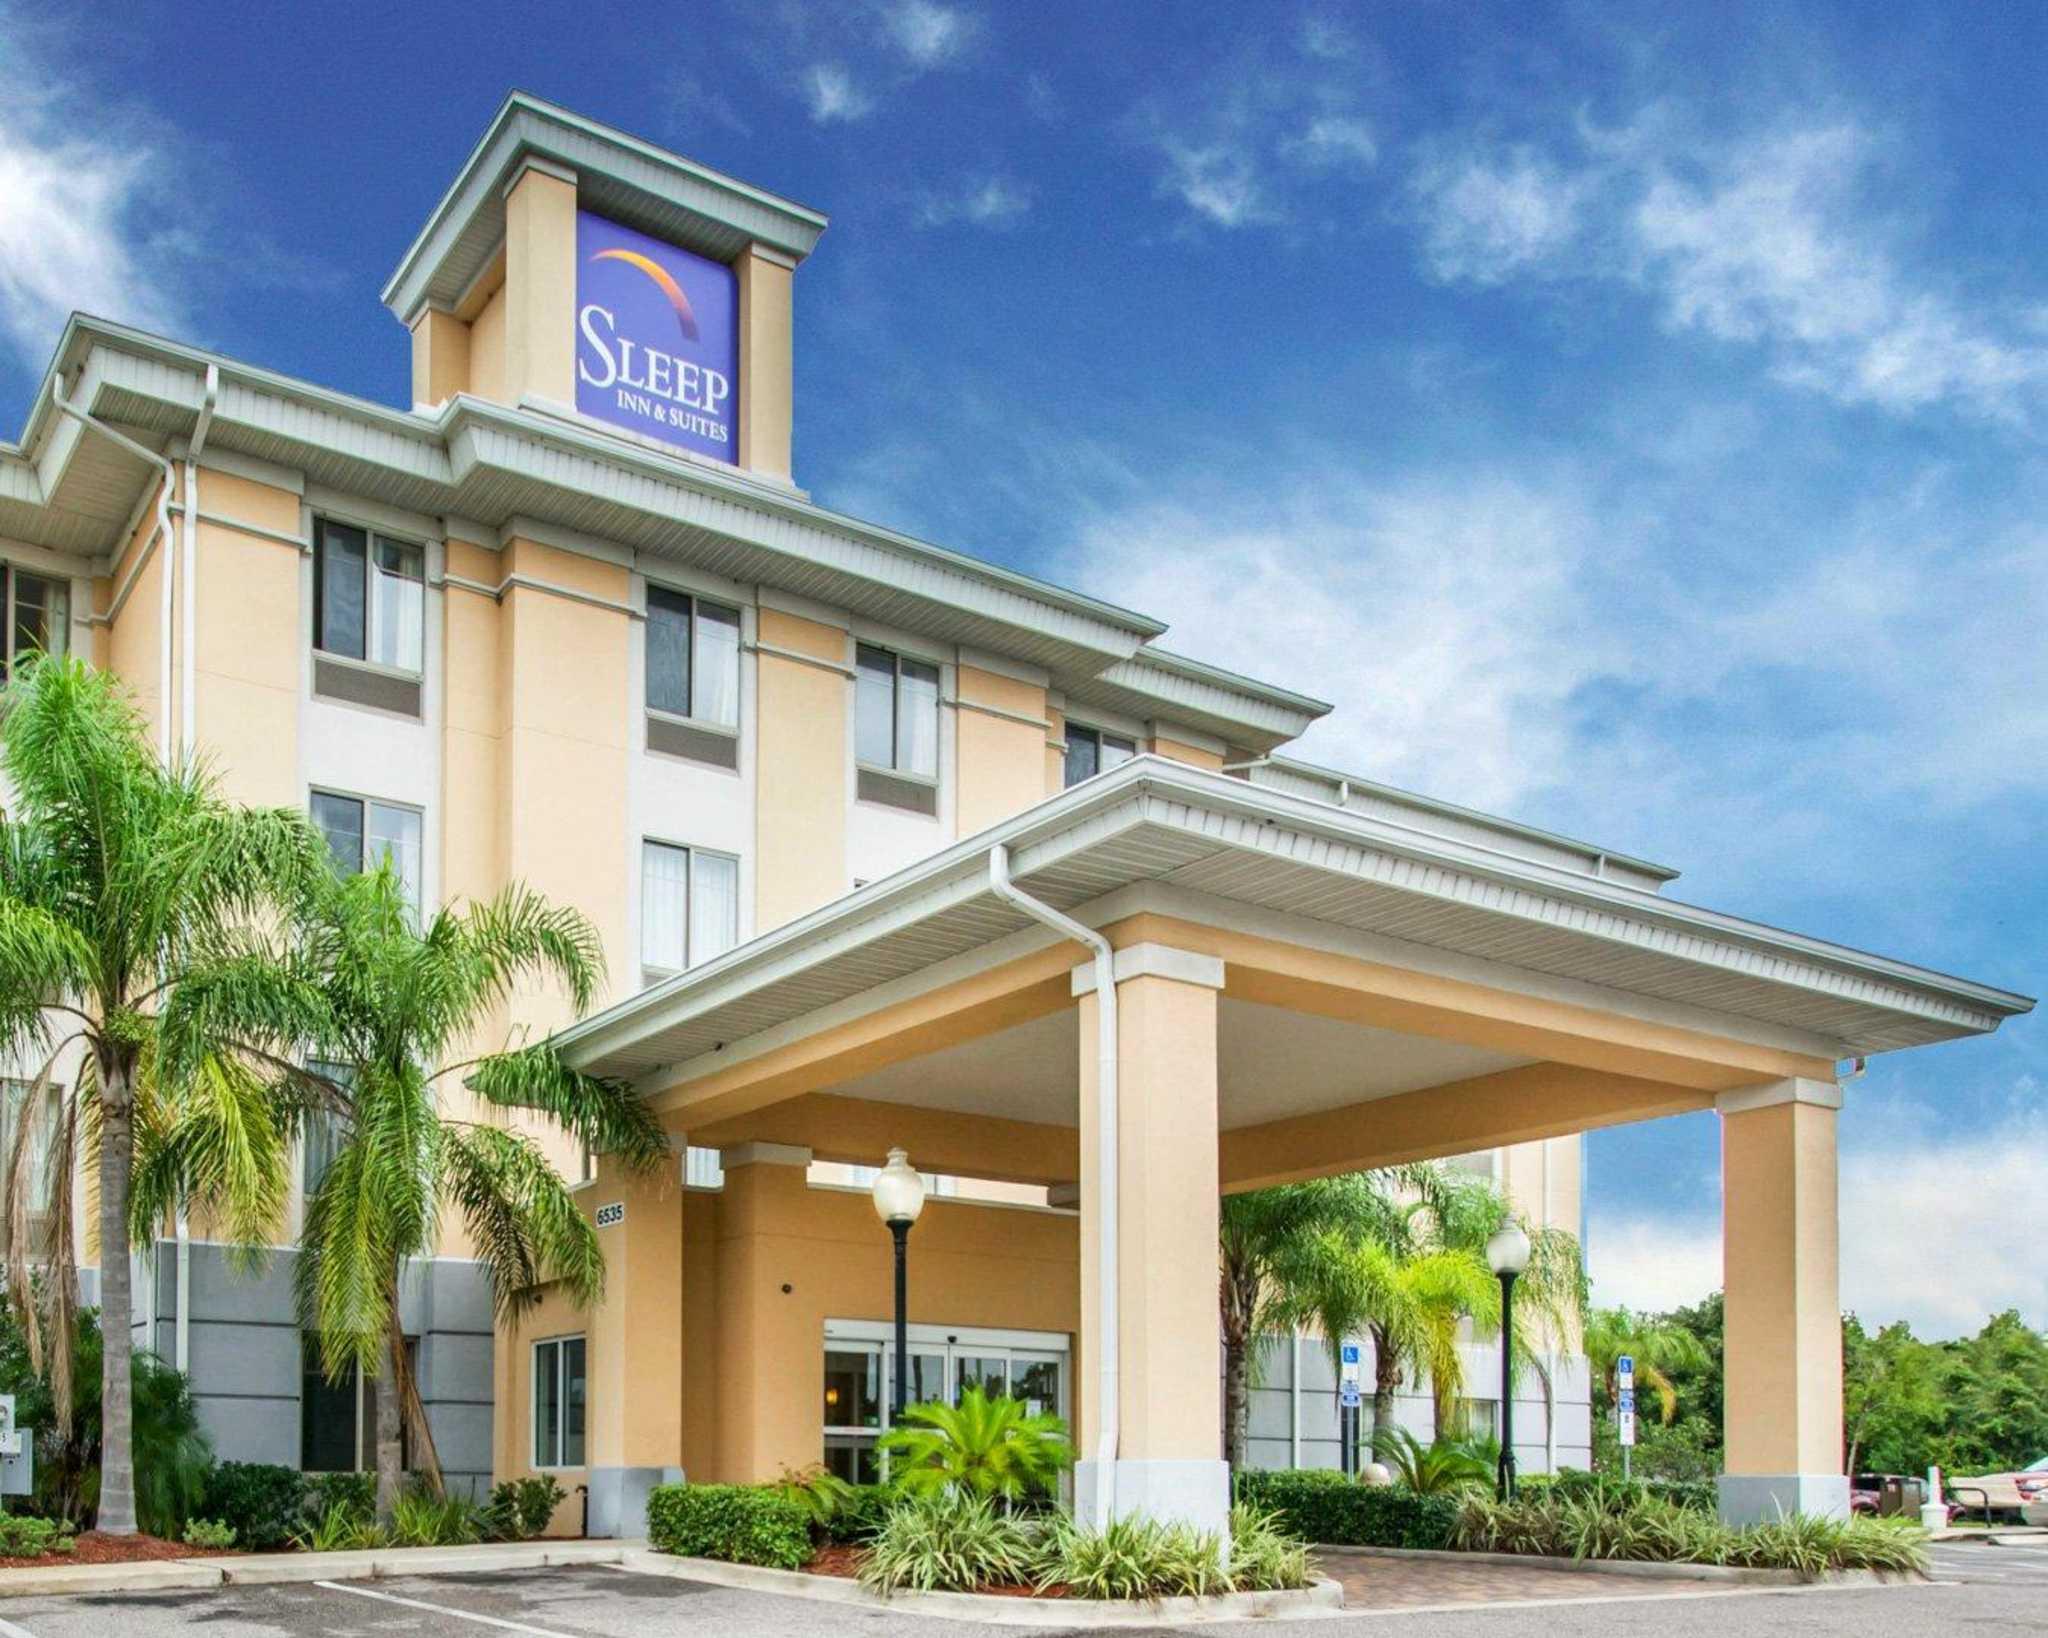 Sleep Inn & Suites image 1